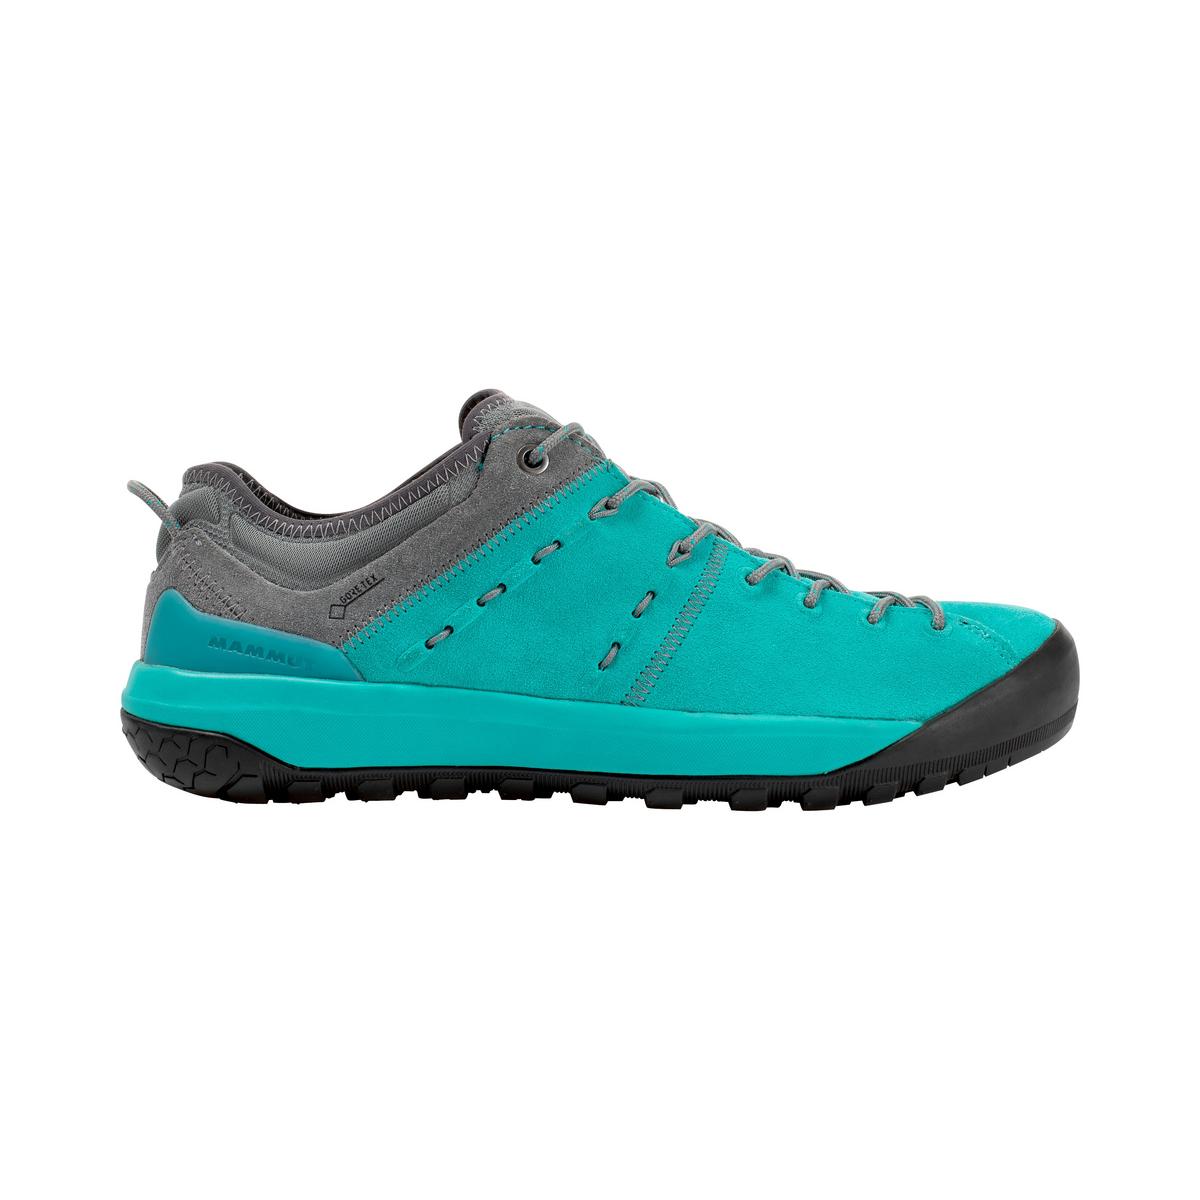 separation shoes 561d8 6b812 Hueco Low GTX® Women